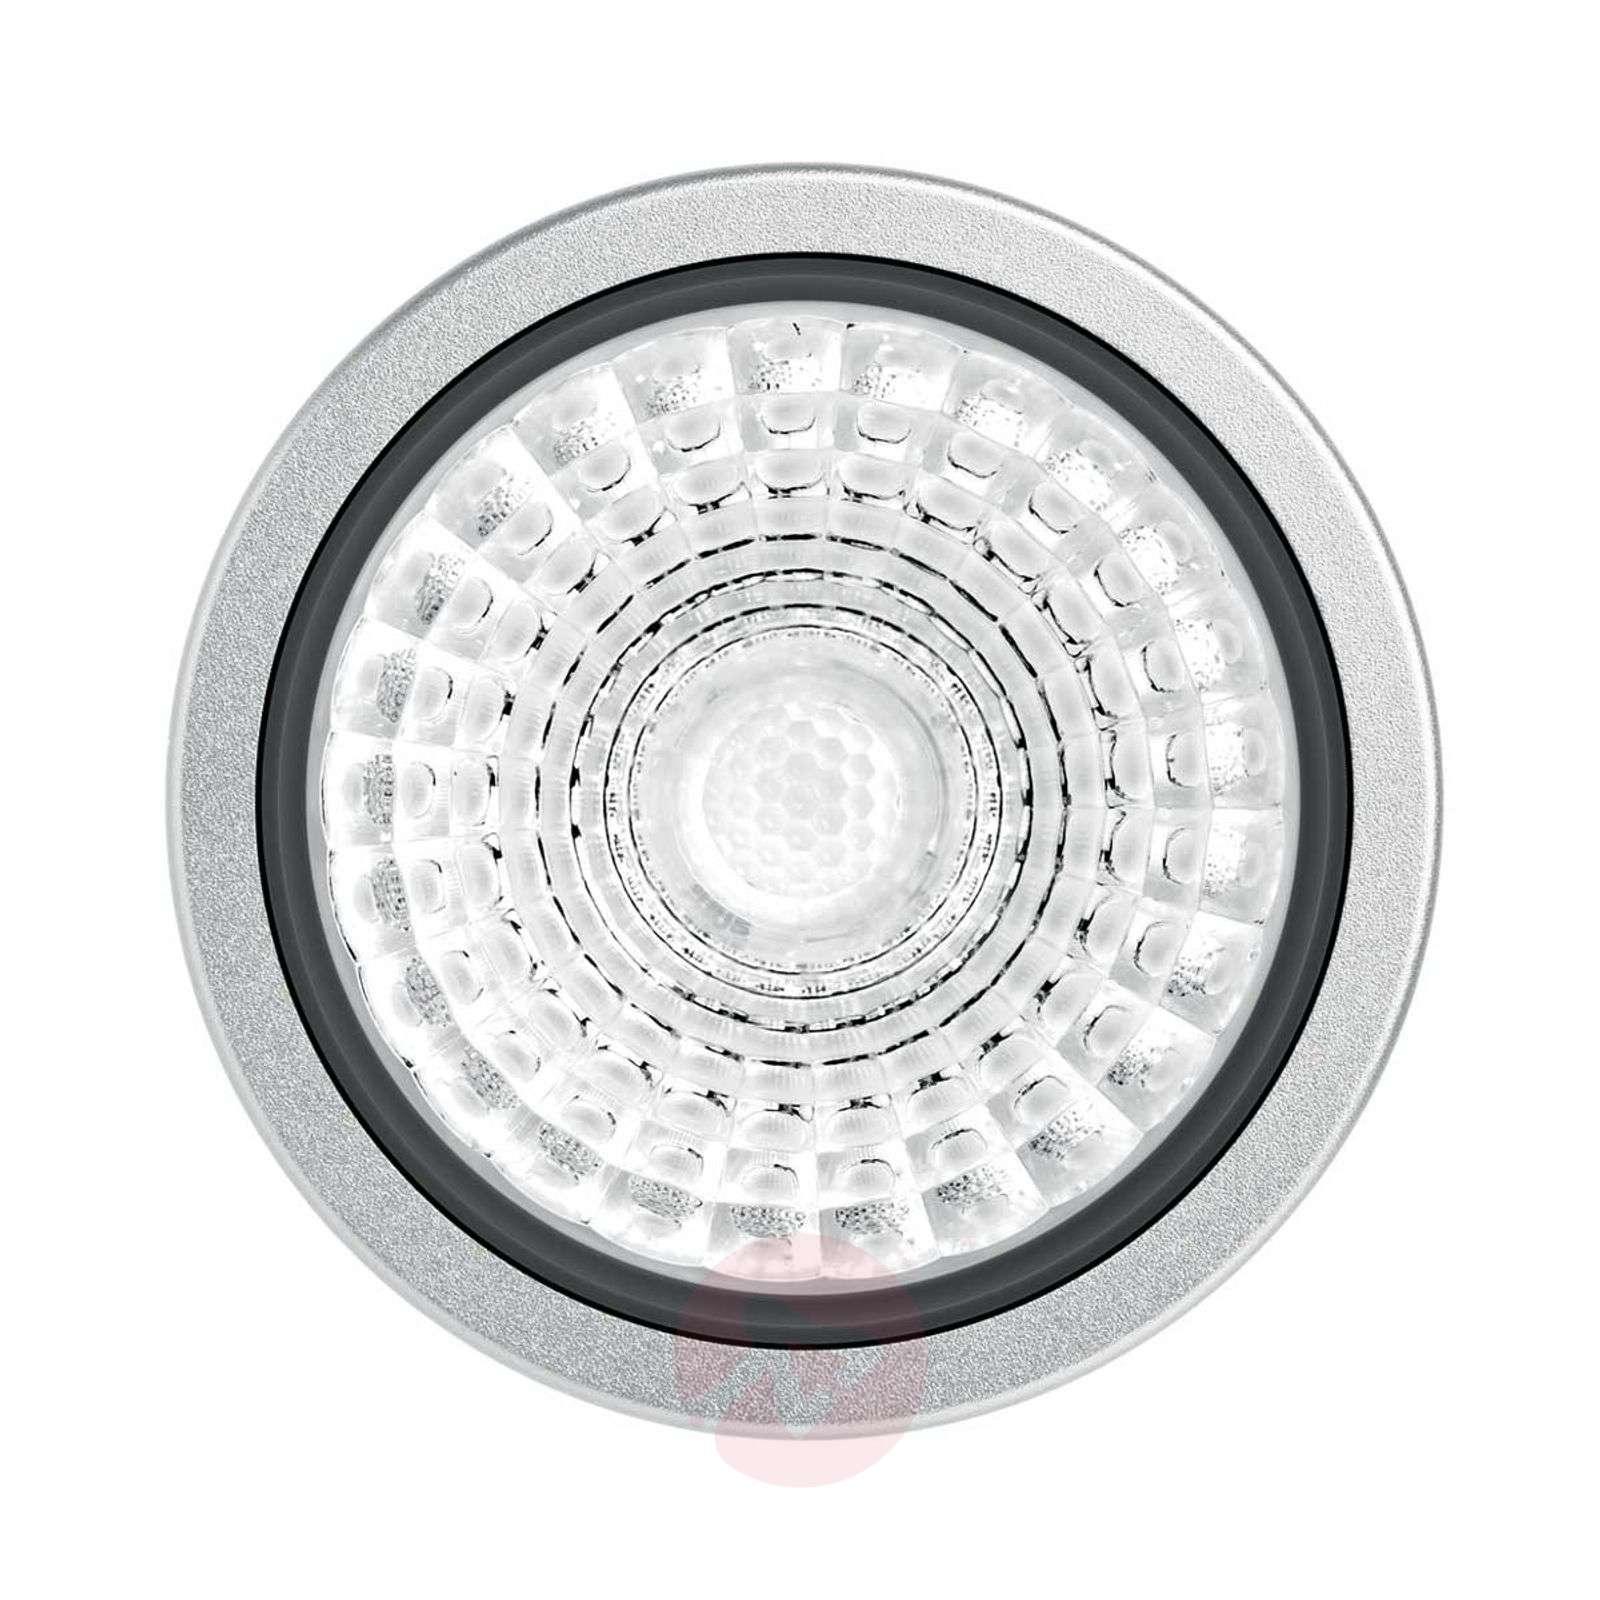 MR16 10W 927 LED Downlight muuntaja, himmennettävä-6037071-01